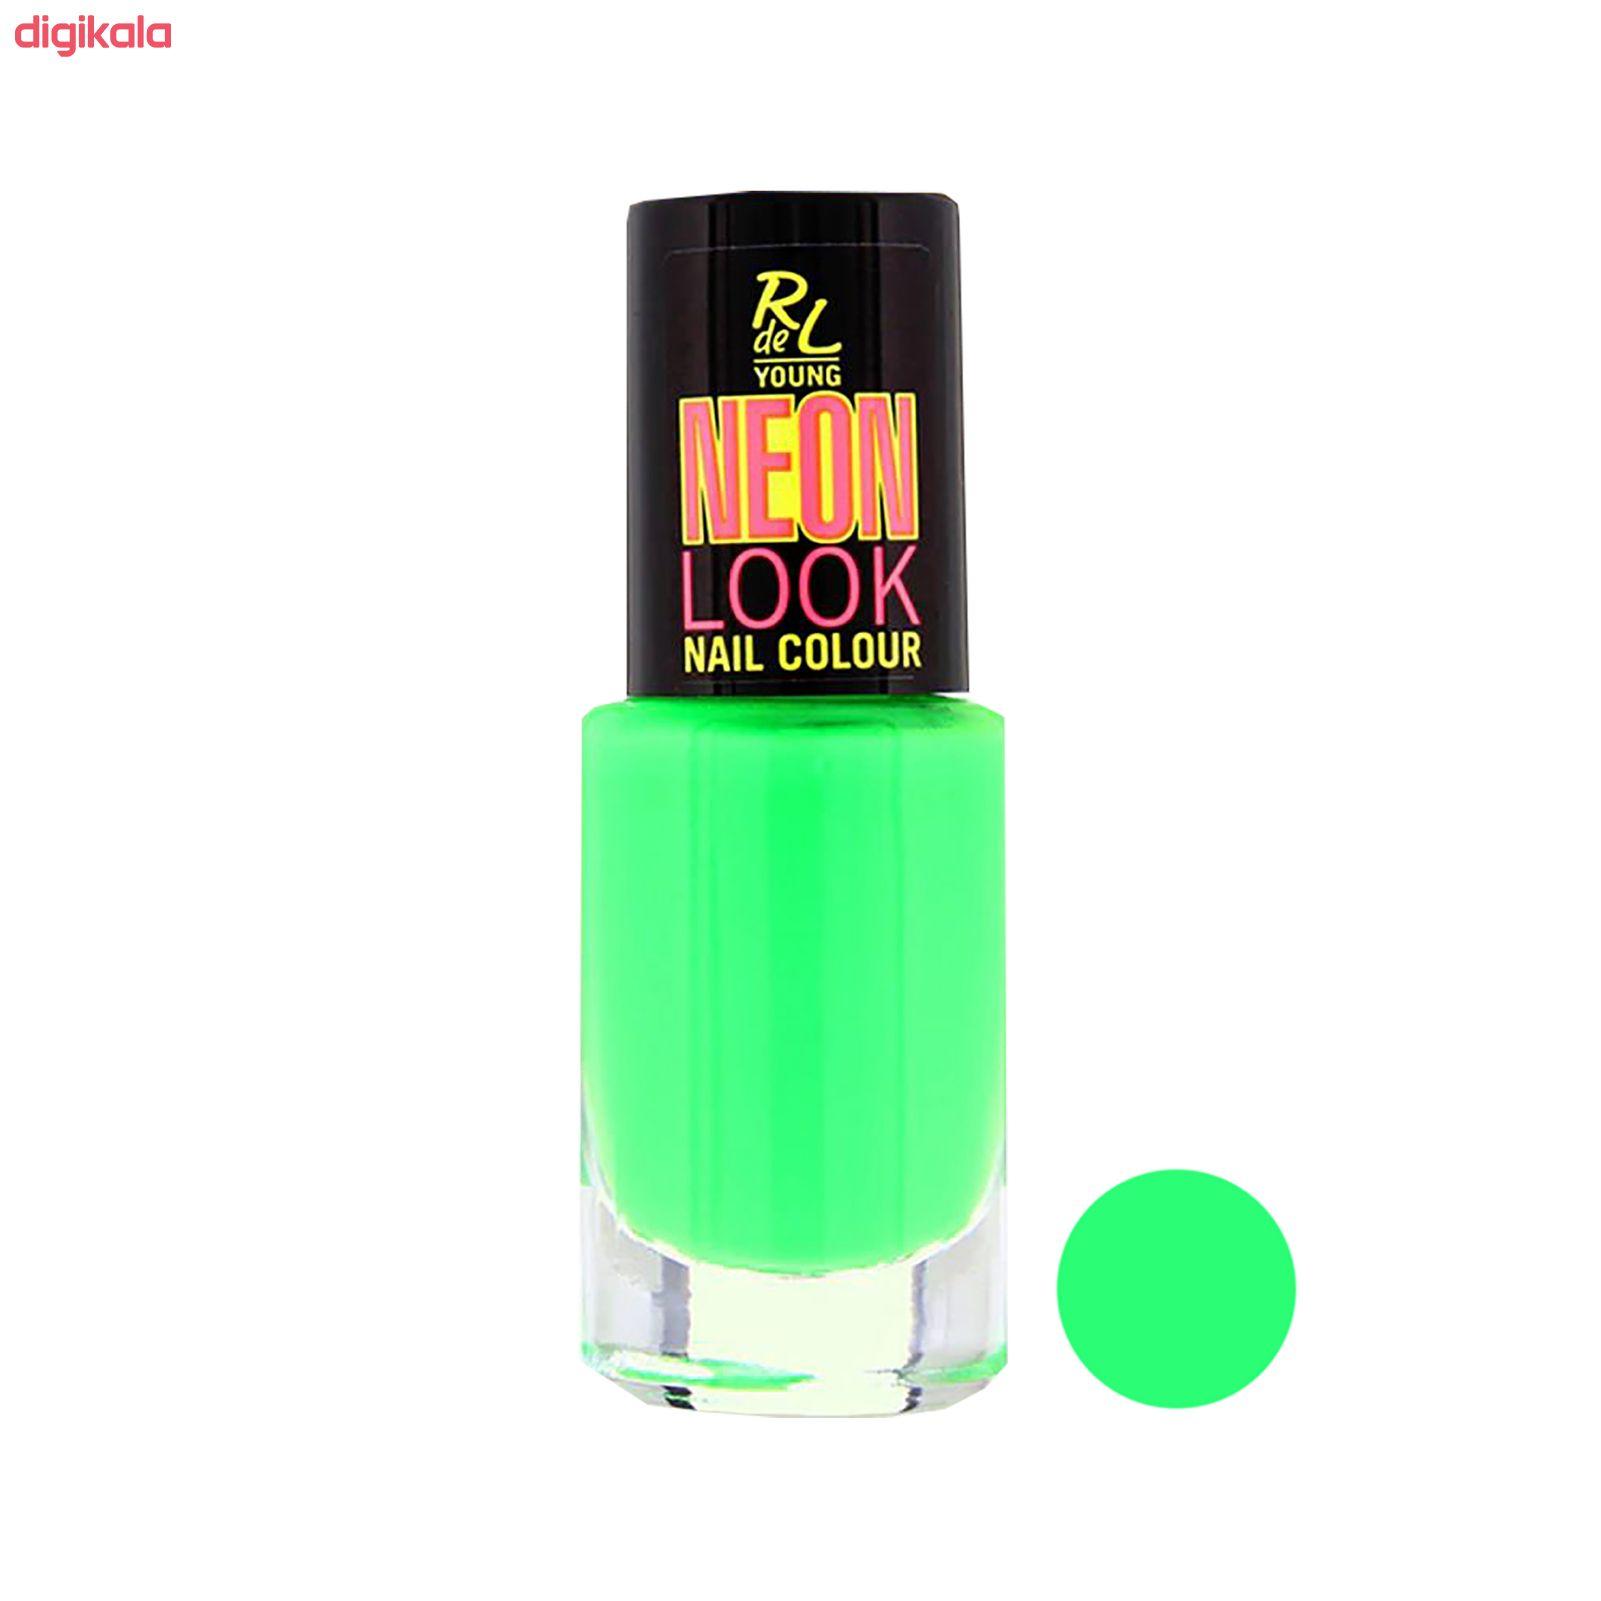 خرید اینترنتی با تخفیف ویژه لاک ناخن ریوال د یانگ مدل Neon Look شماره 04